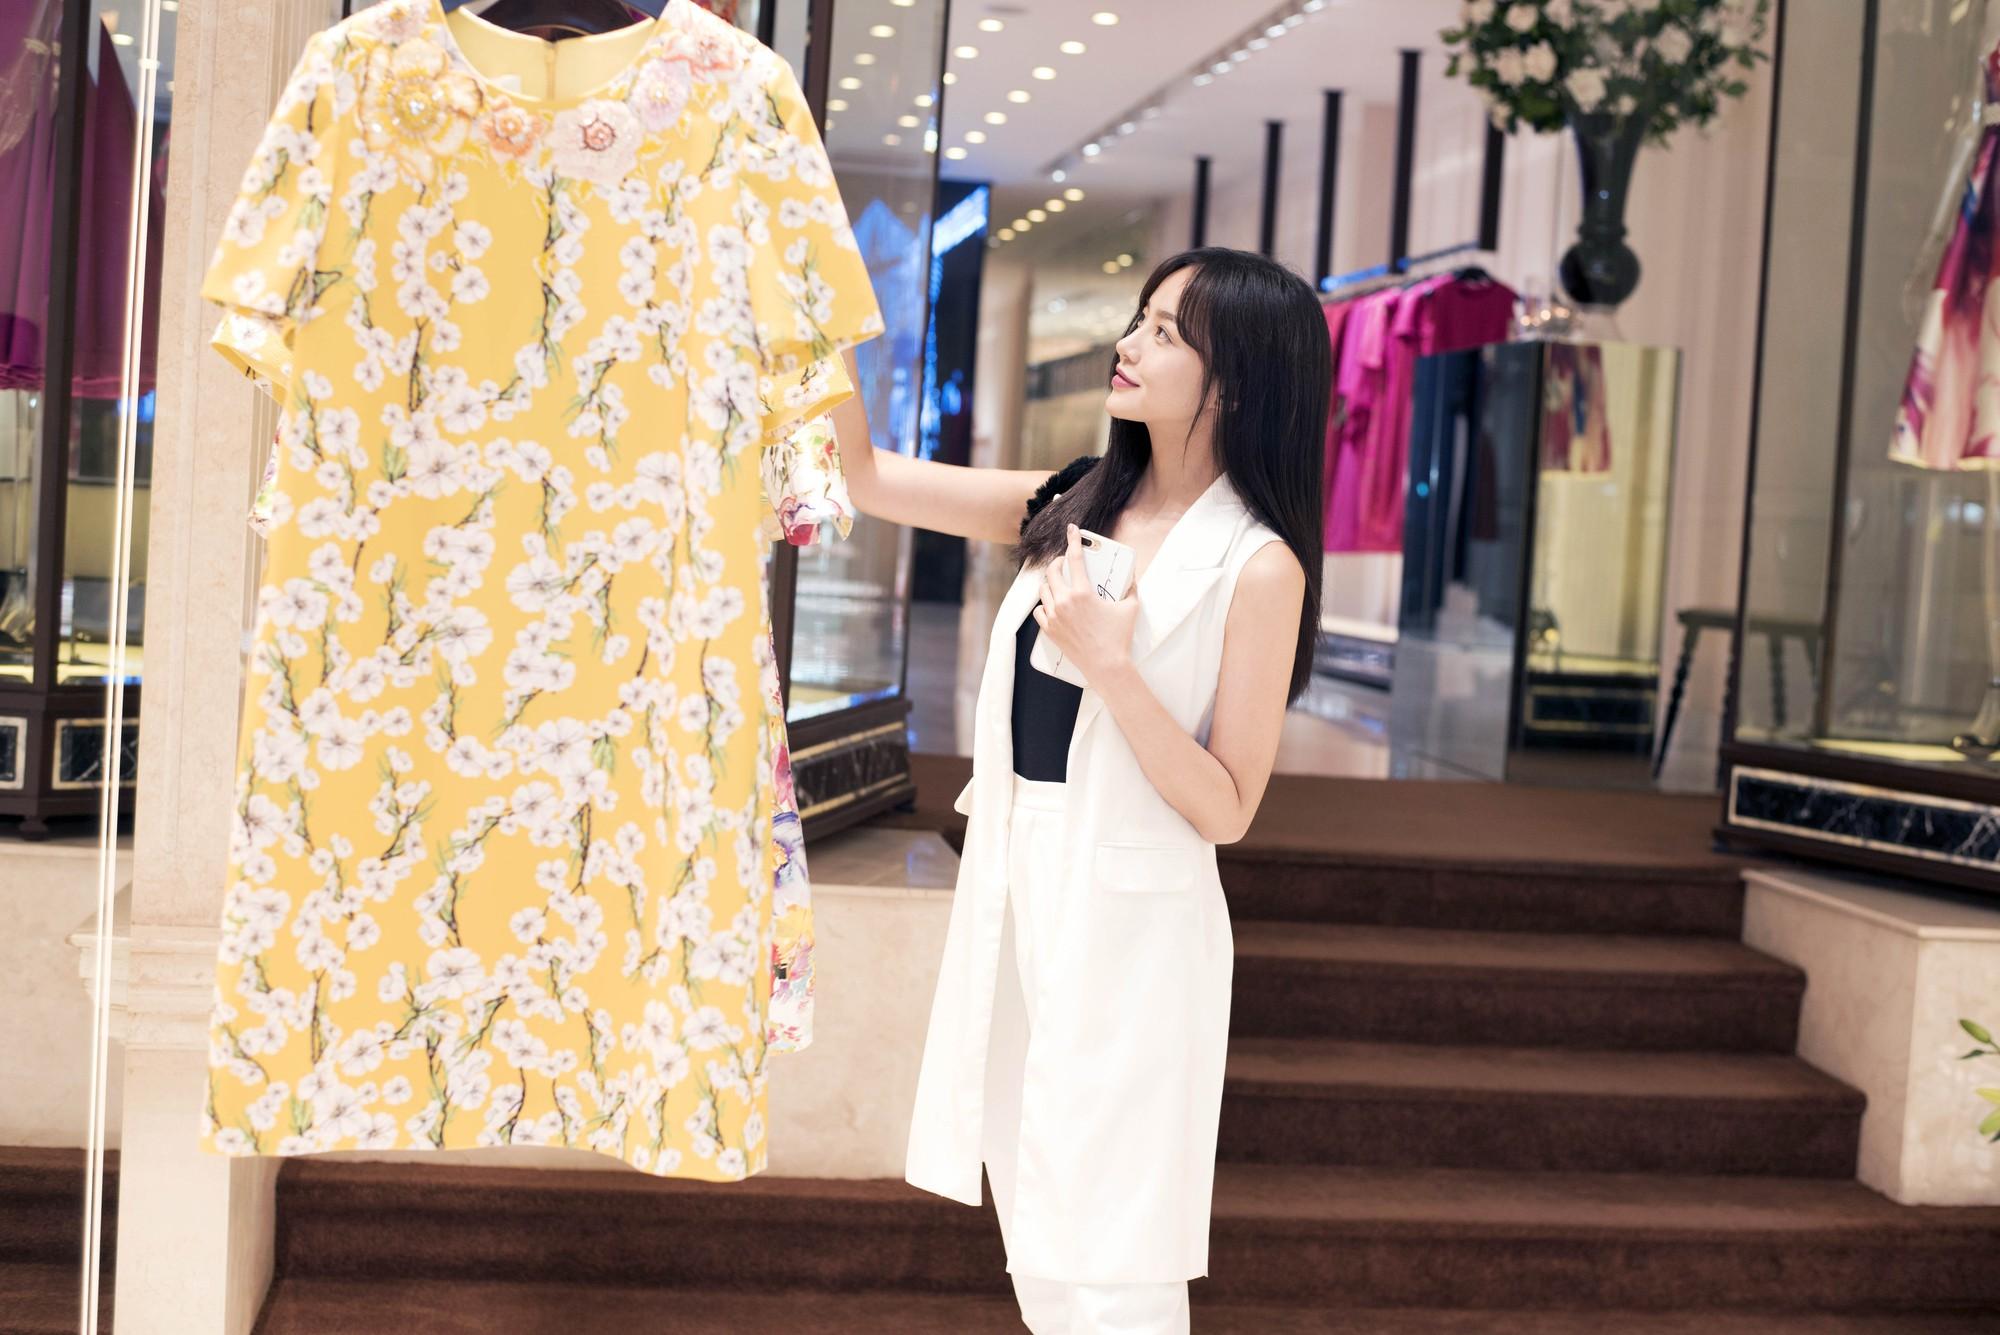 Đỗ Mỹ Linh, Jun Vũ, Quỳnh Anh Shyn cùng loạt sao tất bật lên đồ, chuẩn bị đọ sắc tại show của NTK Công Trí - Ảnh 15.